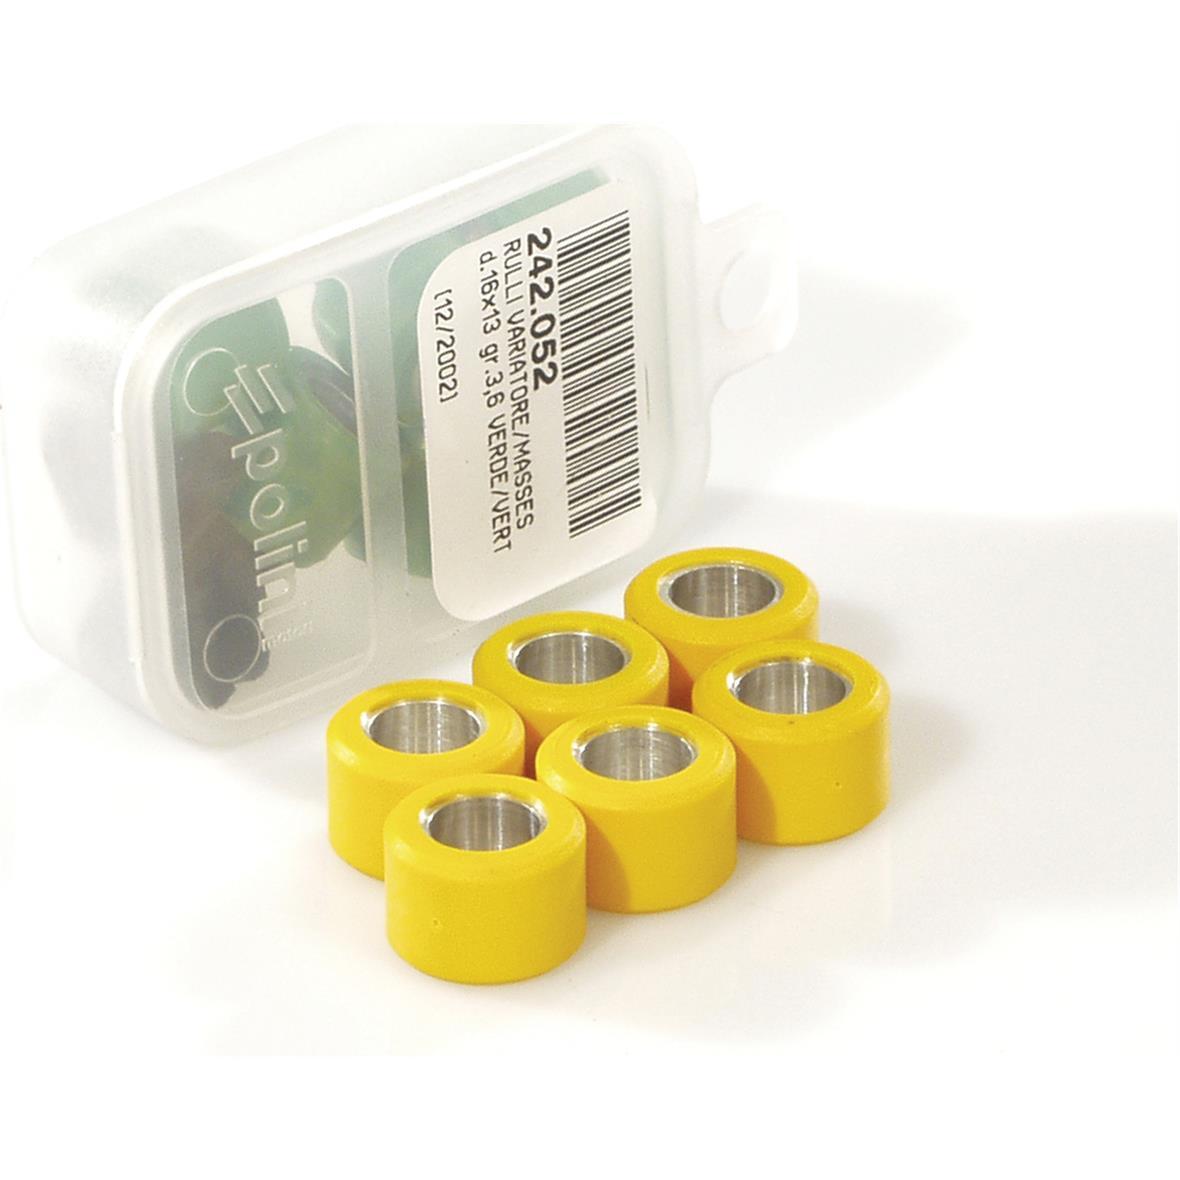 「バリエーター ロール POLINI 17x12 mm 3,7 (グラム)Title」の製品画像